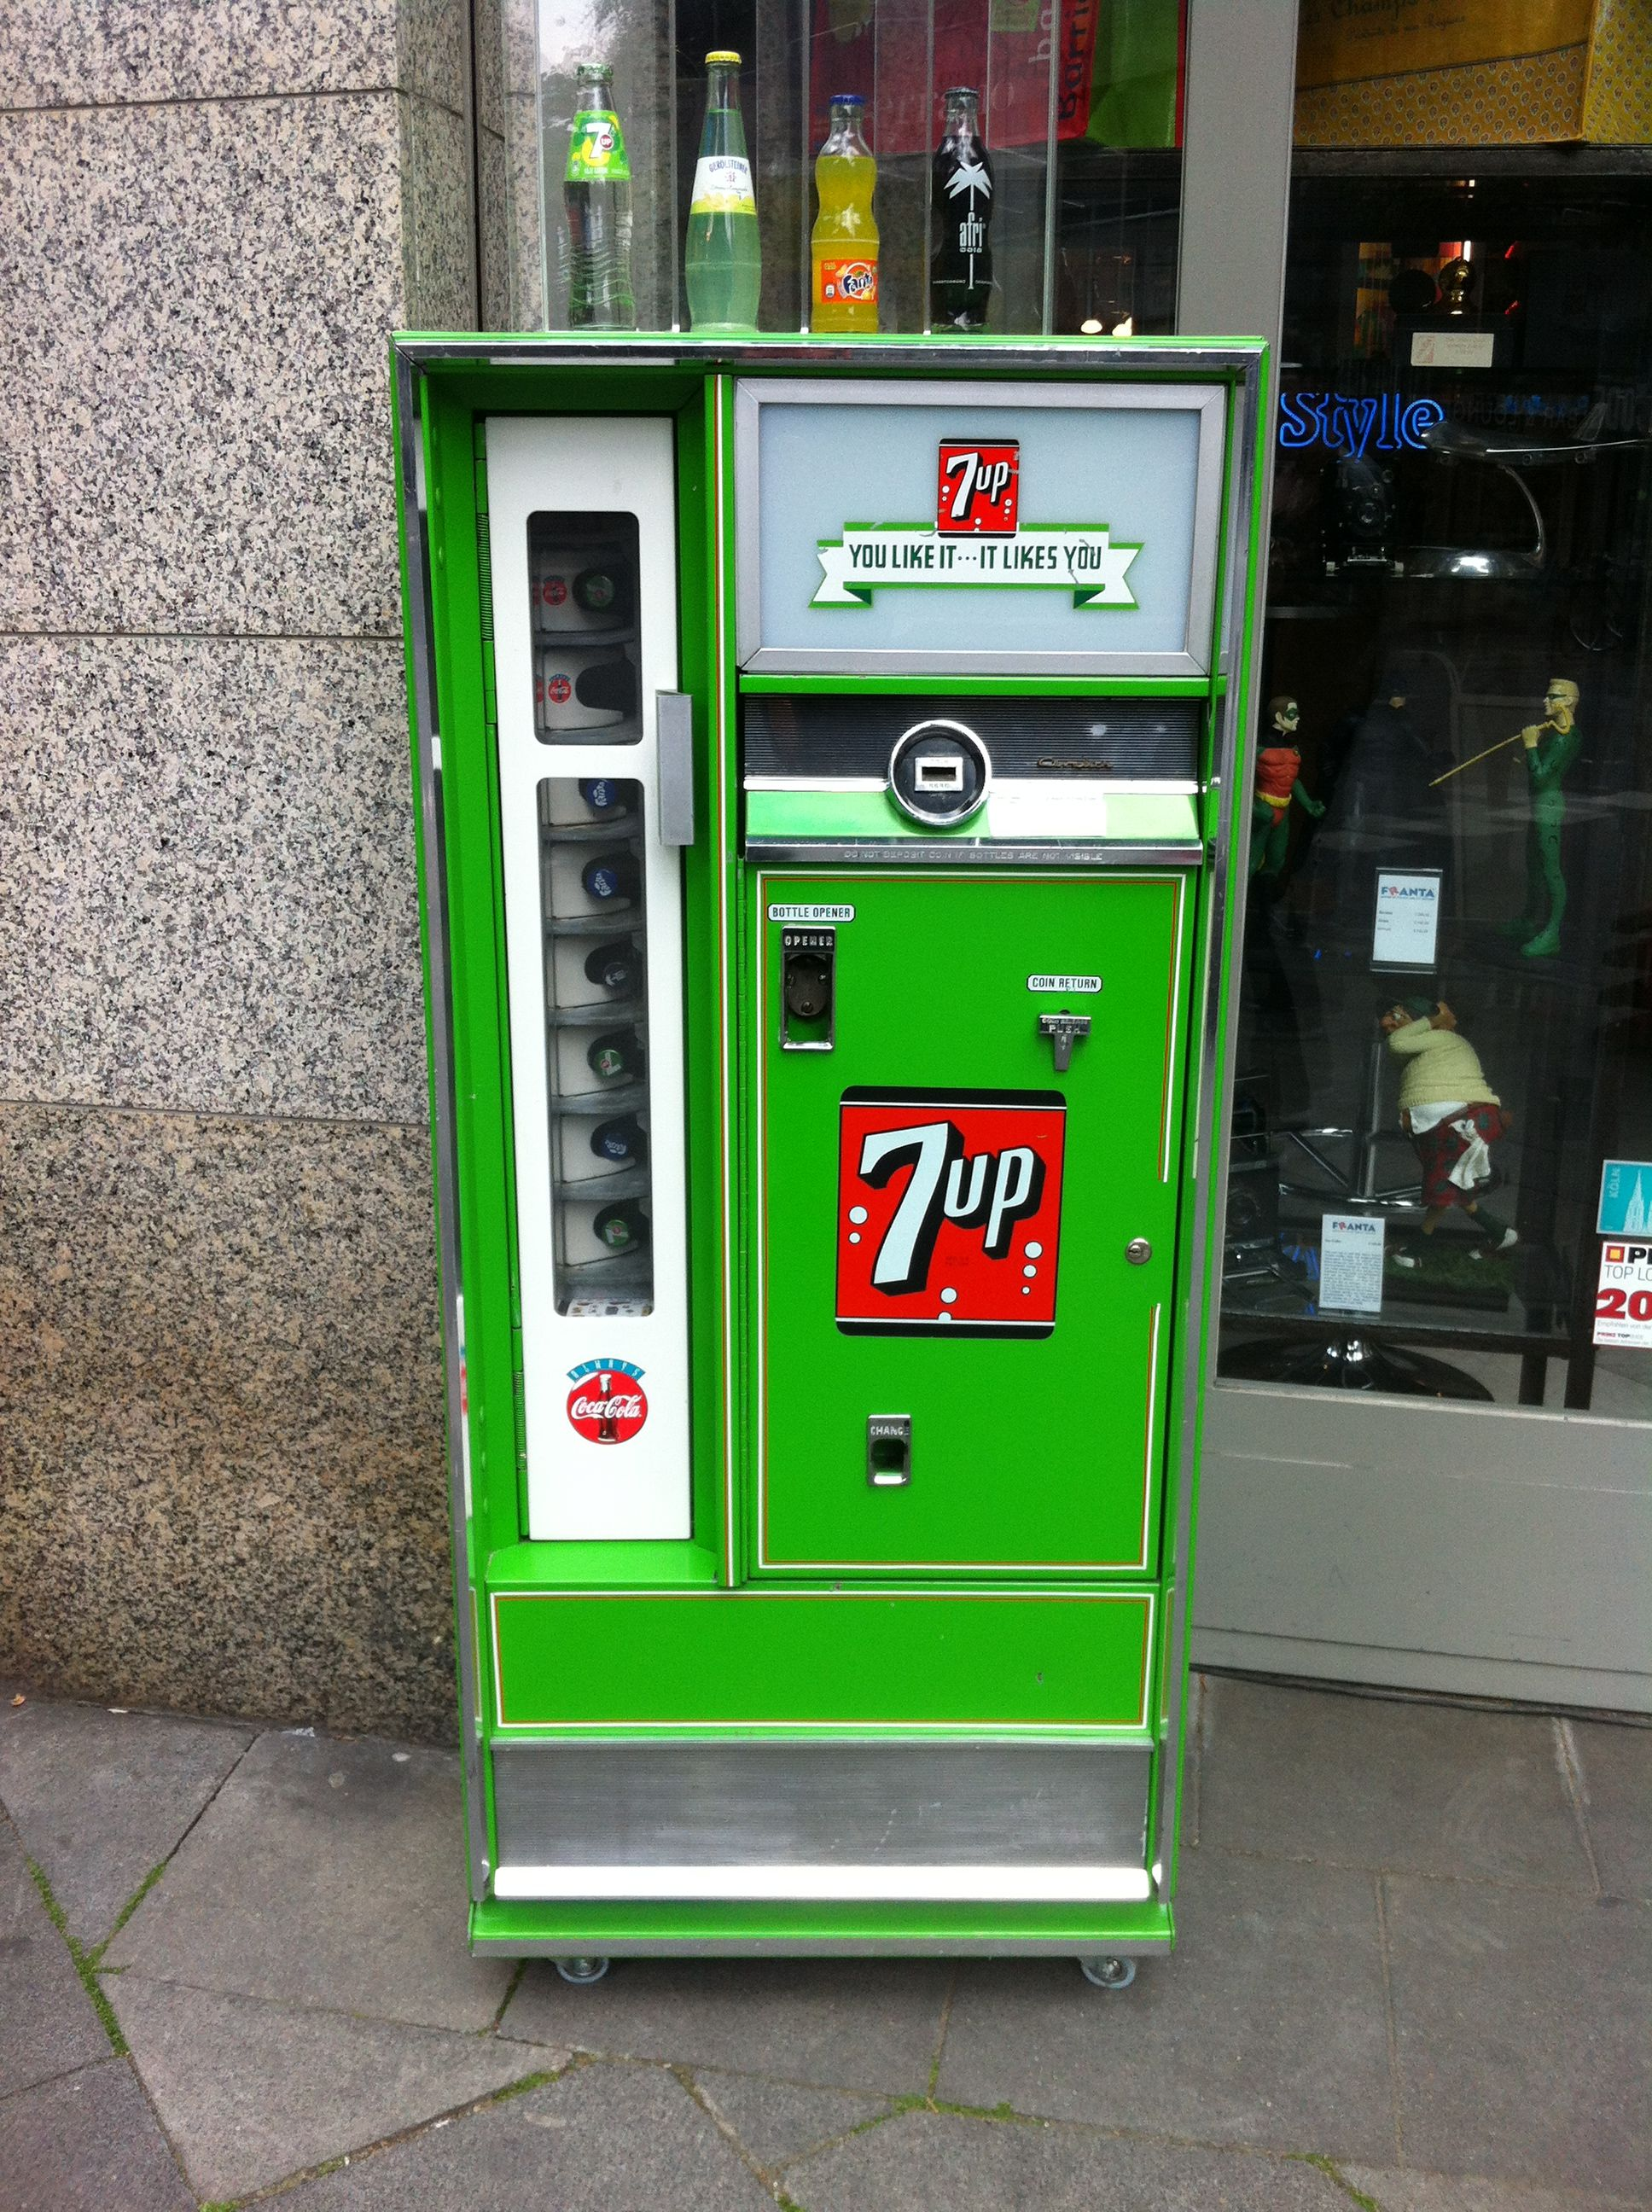 Retro Getränke-Automat | FUN - Automaten-Kultur | Pinterest